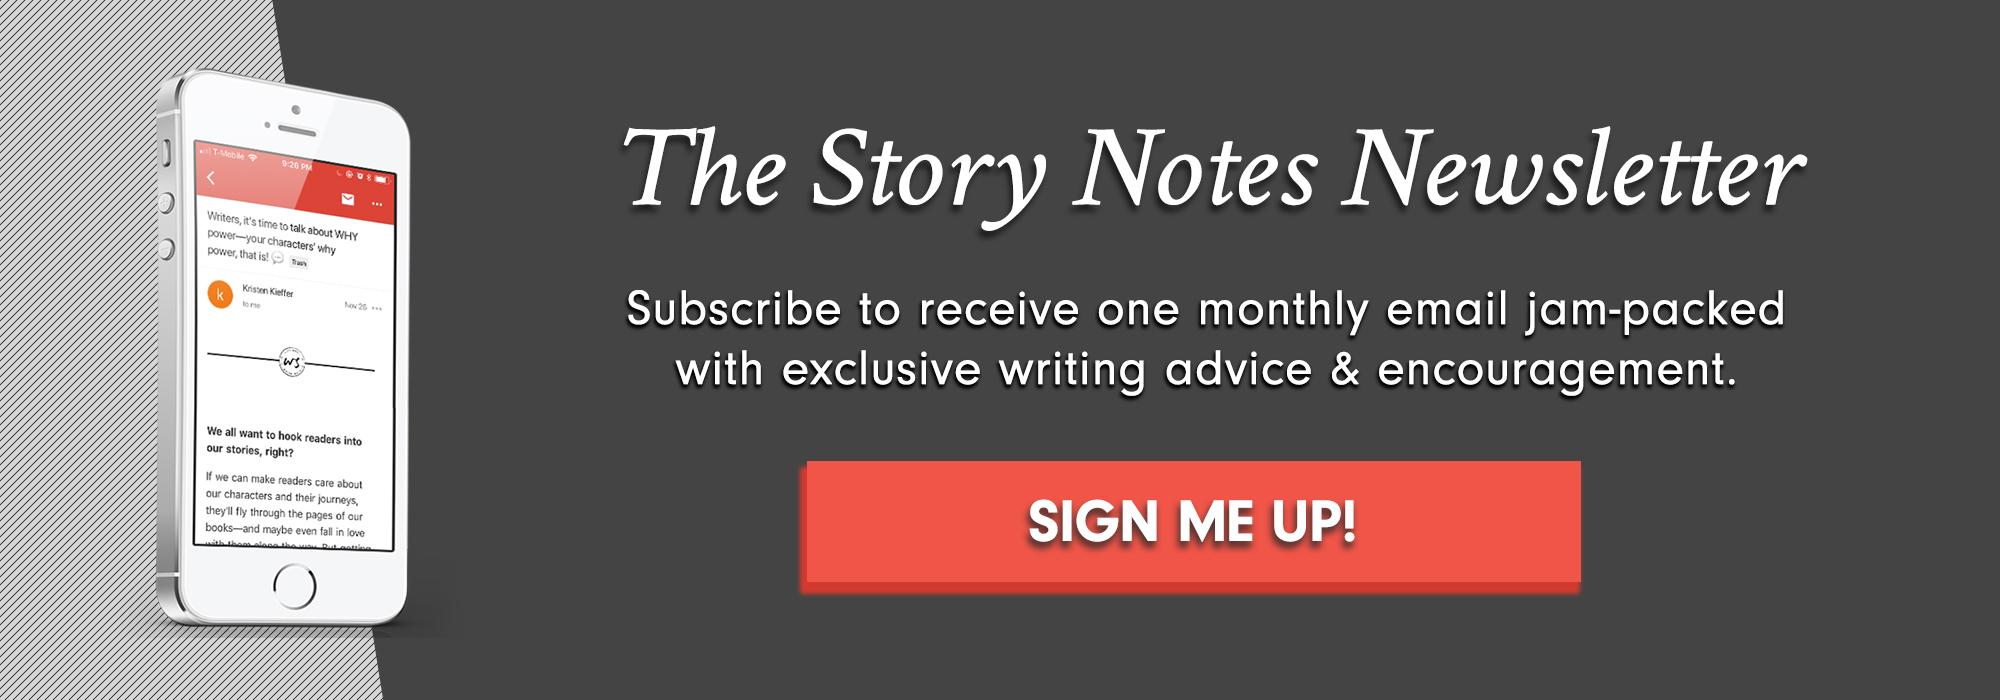 newslettergraphic.jpg